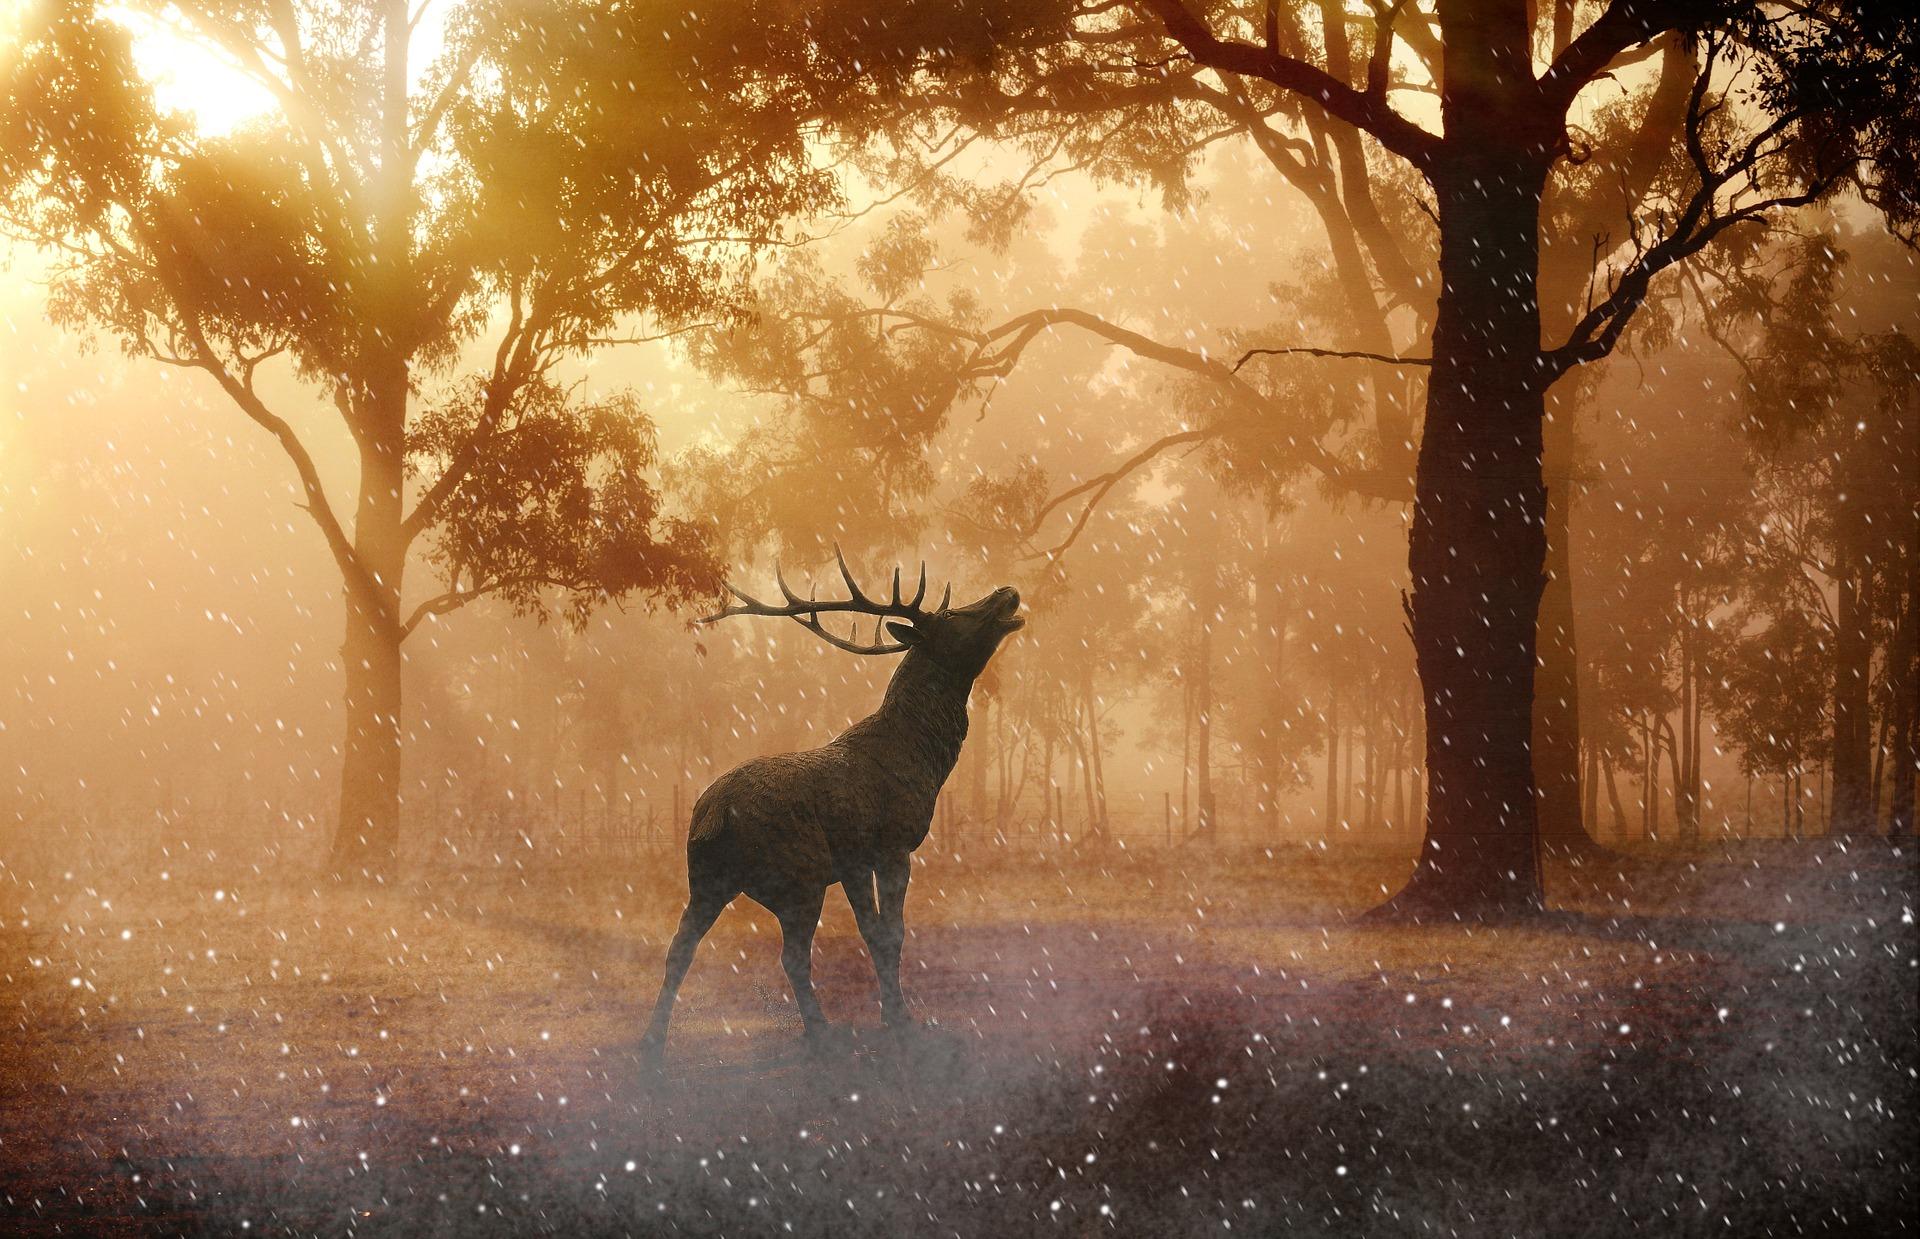 Die Ablehnung der Jagd aus ethischen Gründen